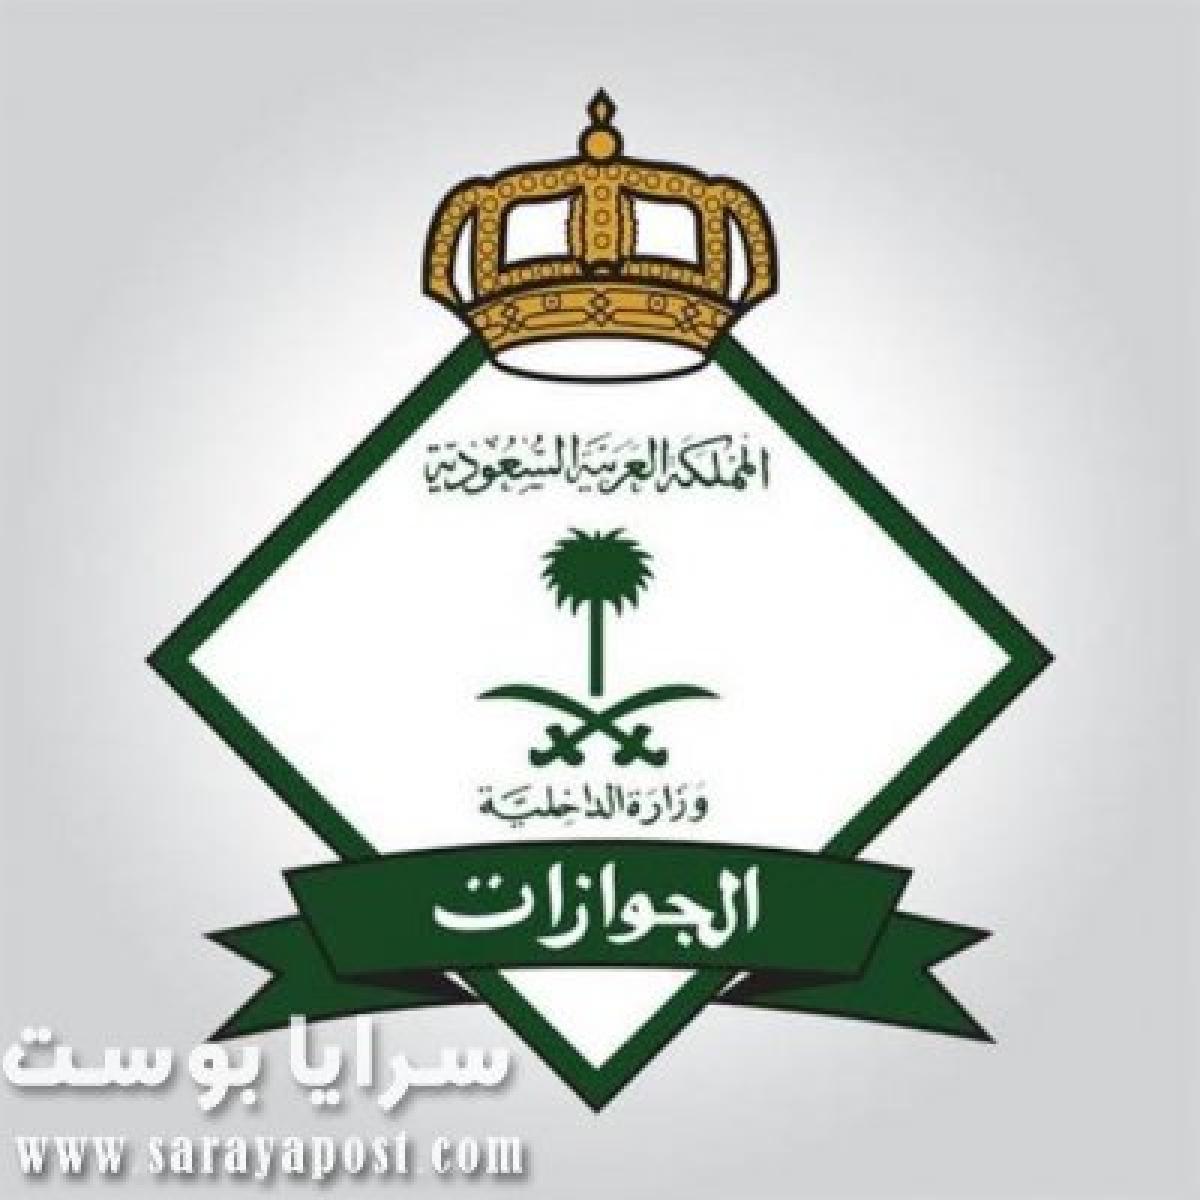 بيان من الجوازات السعودية يعلن المرحلة الأولى من استئناف السفر الدولي